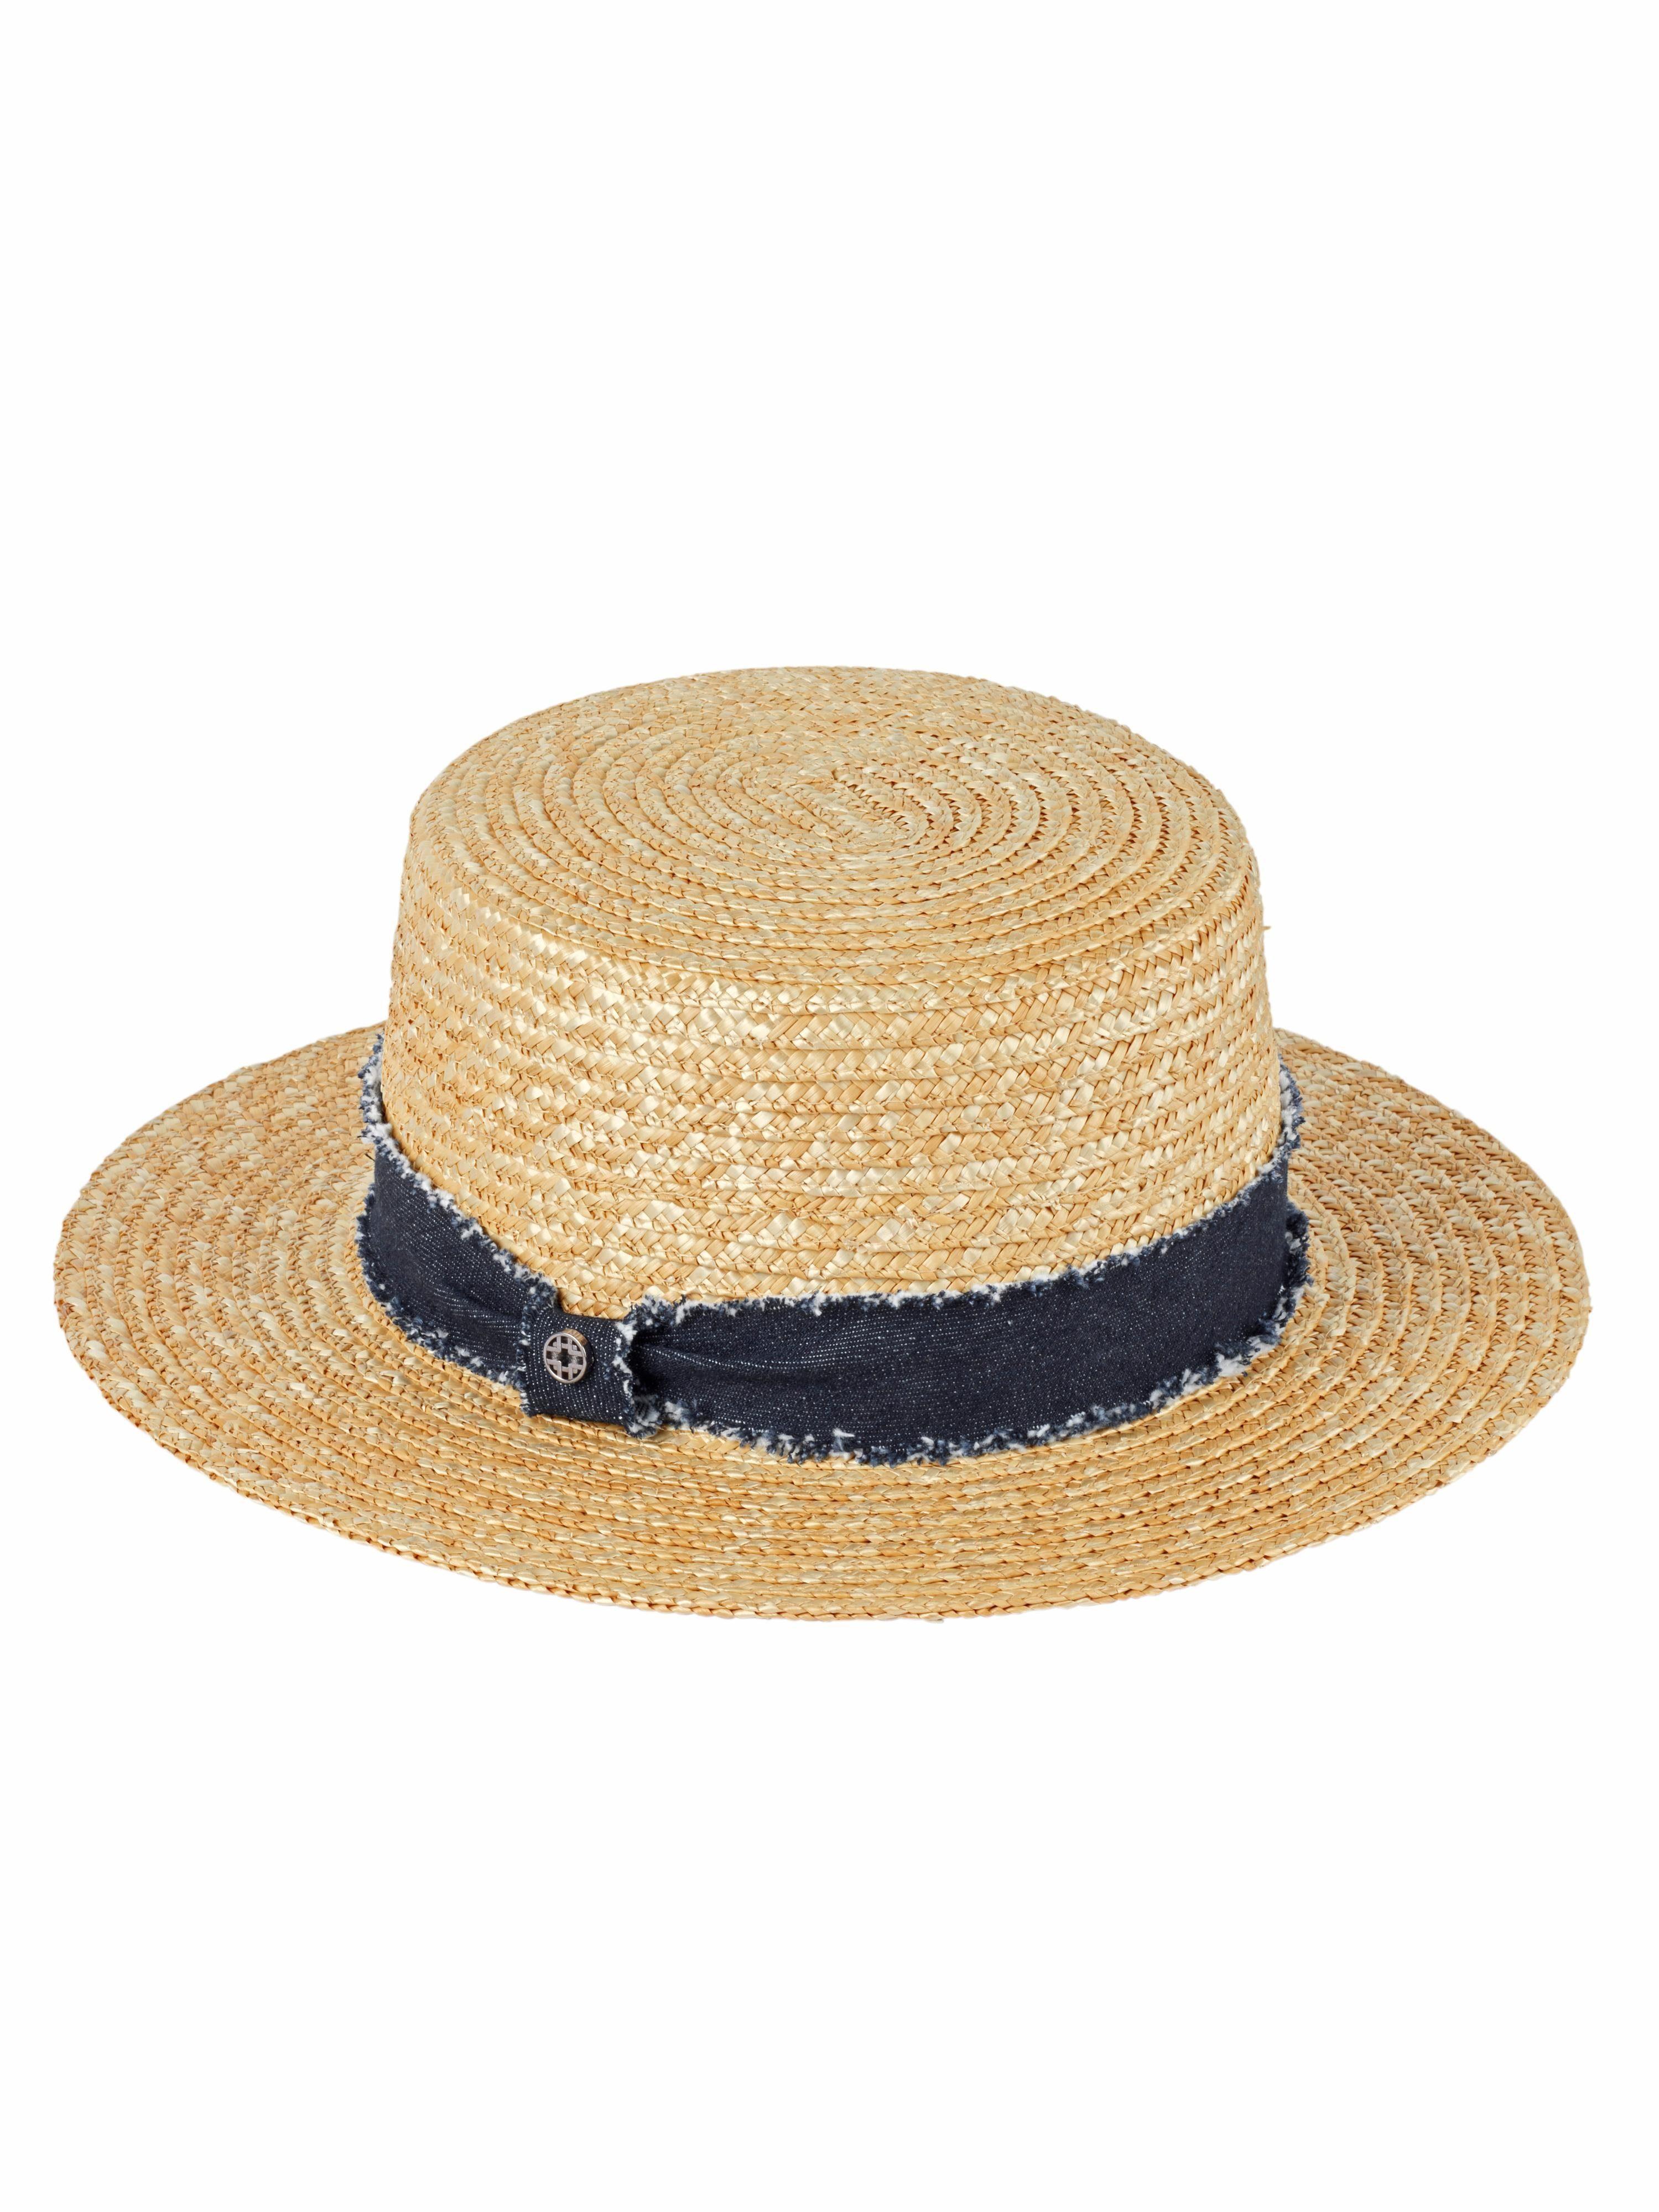 Loevenich Hut mit Zierband